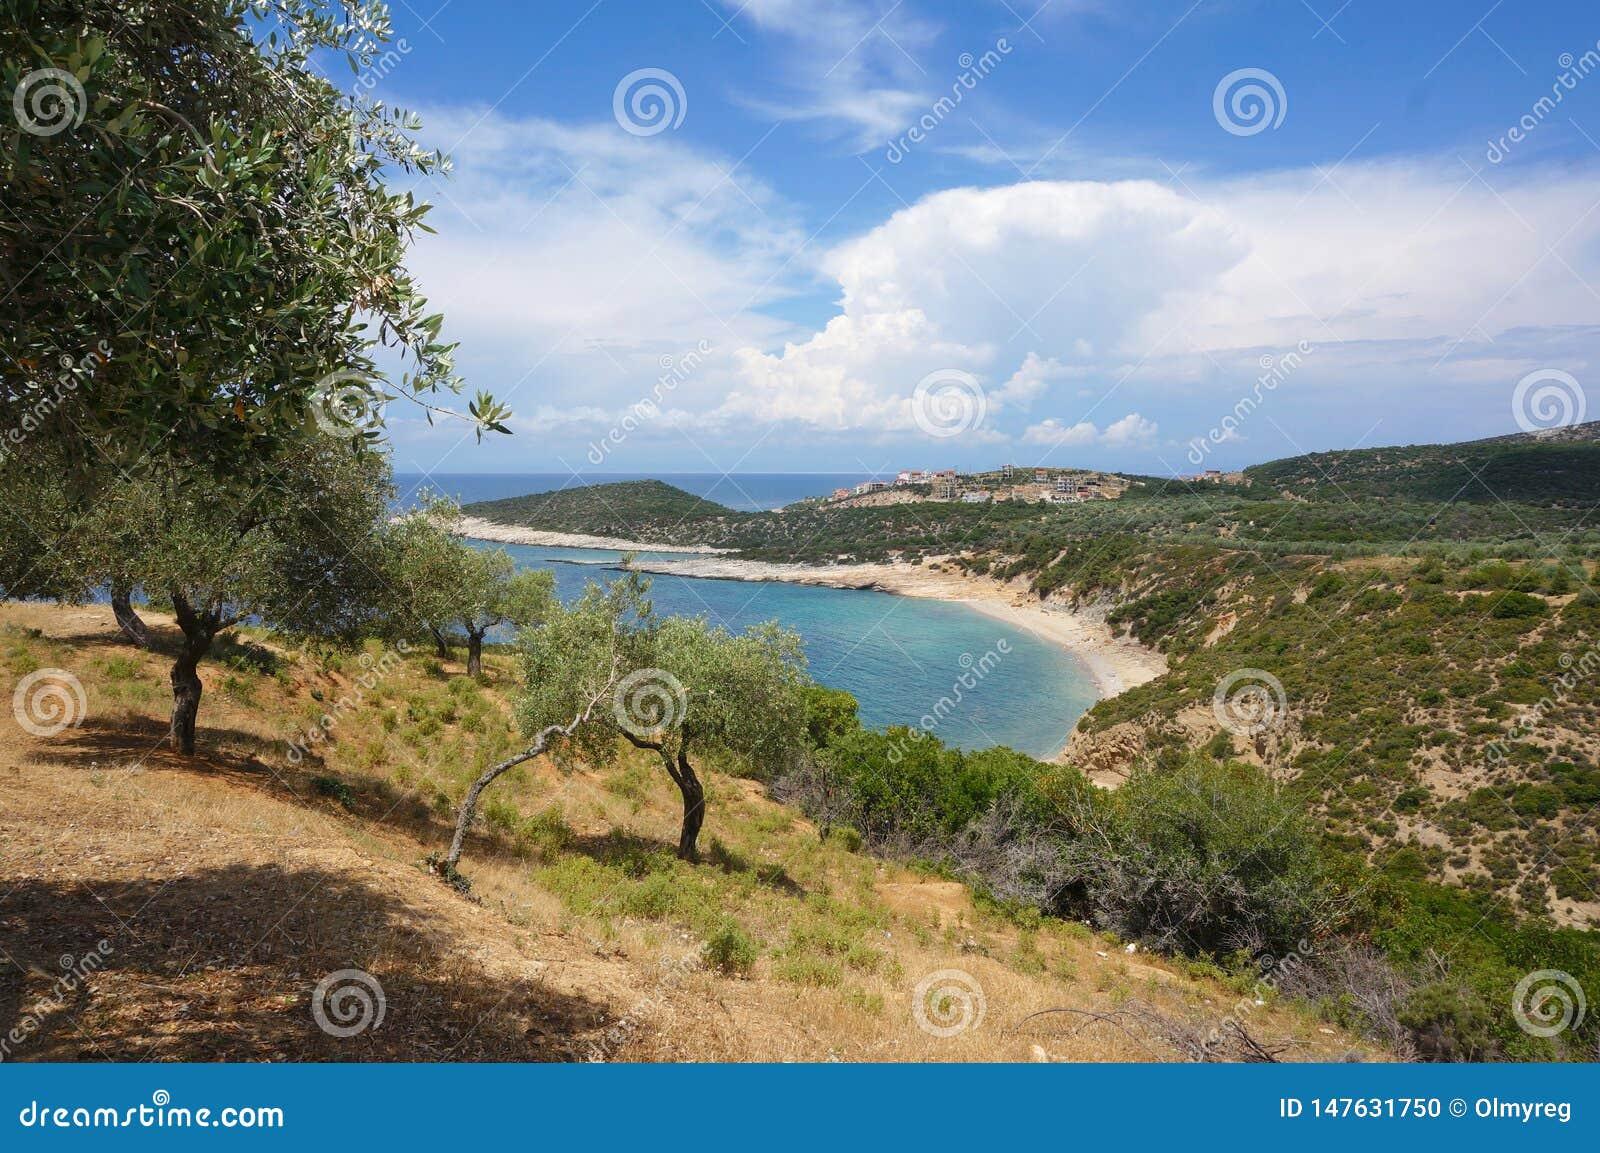 Paysage du sud accidenté avec les oliviers et leur ombre, vue de mer, plage rocheuse, nuages